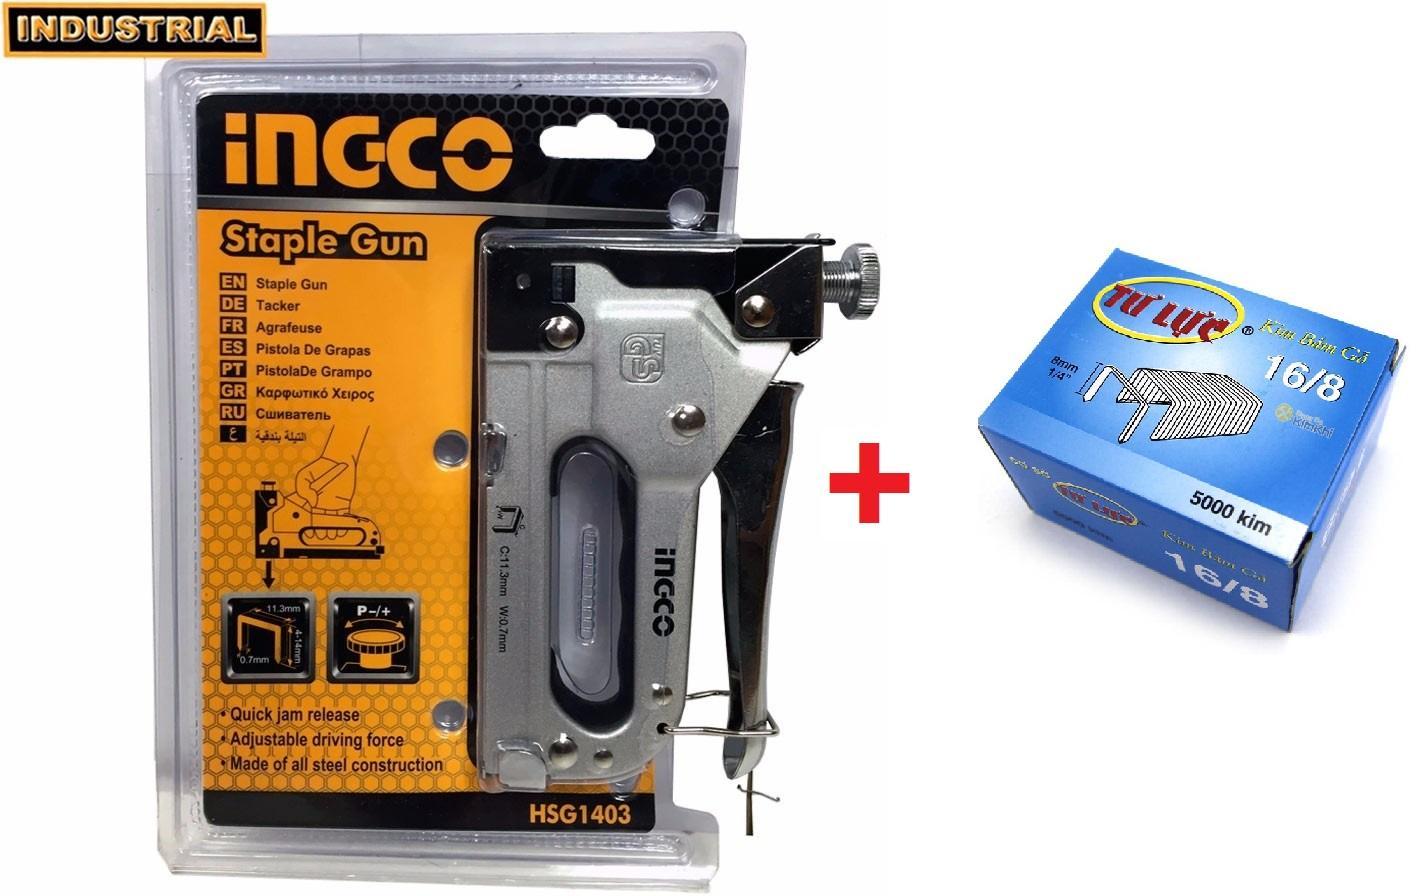 Kìm bấm đinh ghim gỗ điều chỉnh tăng lực 4-14mm Tặng 5000 đinh ghim 16-8 INGCO HSG1403